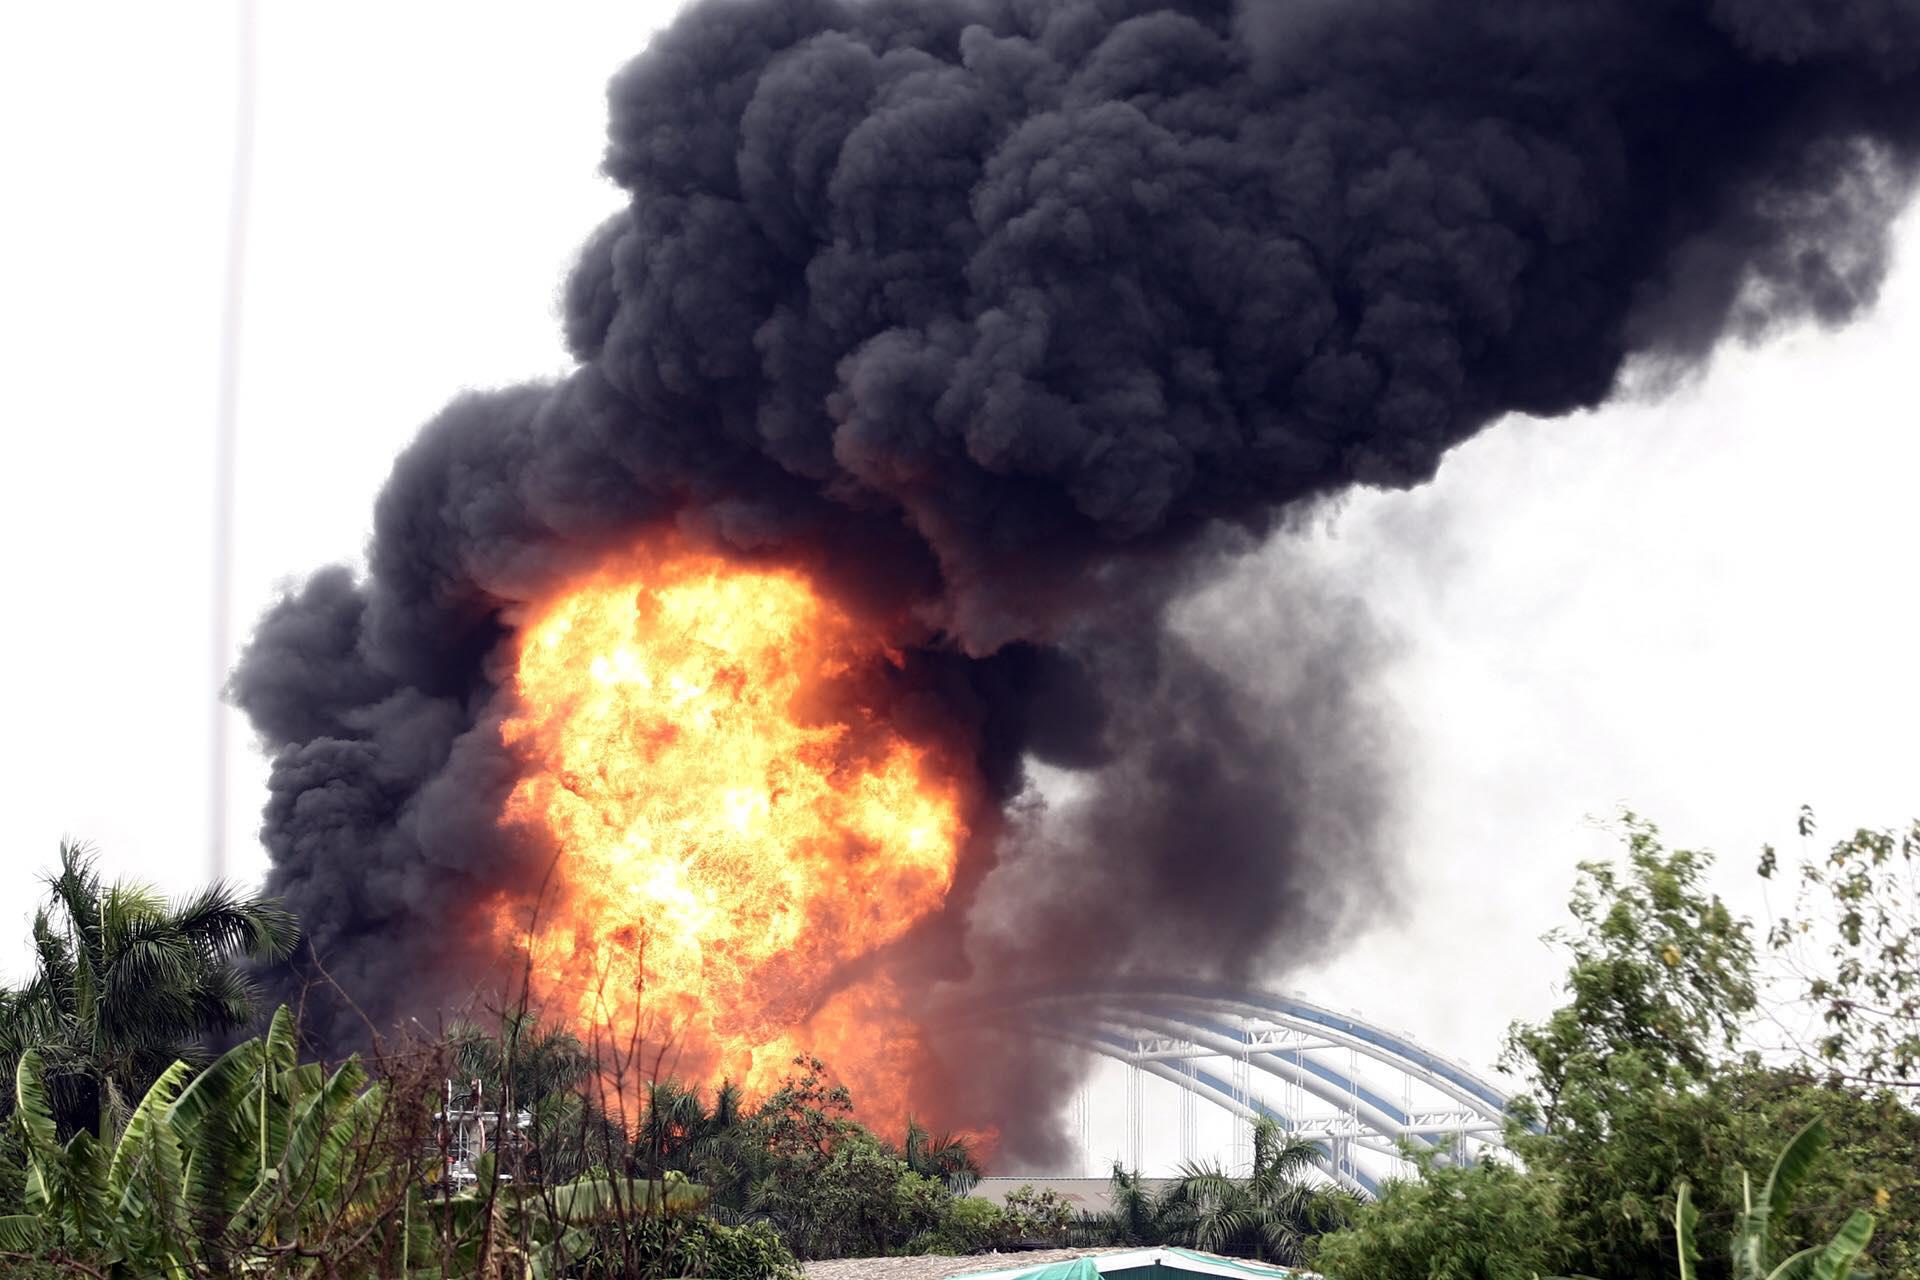 Hà Nội: Cháy cực lớn kho hóa chất ở cảng Đức Giang - Ảnh 2.